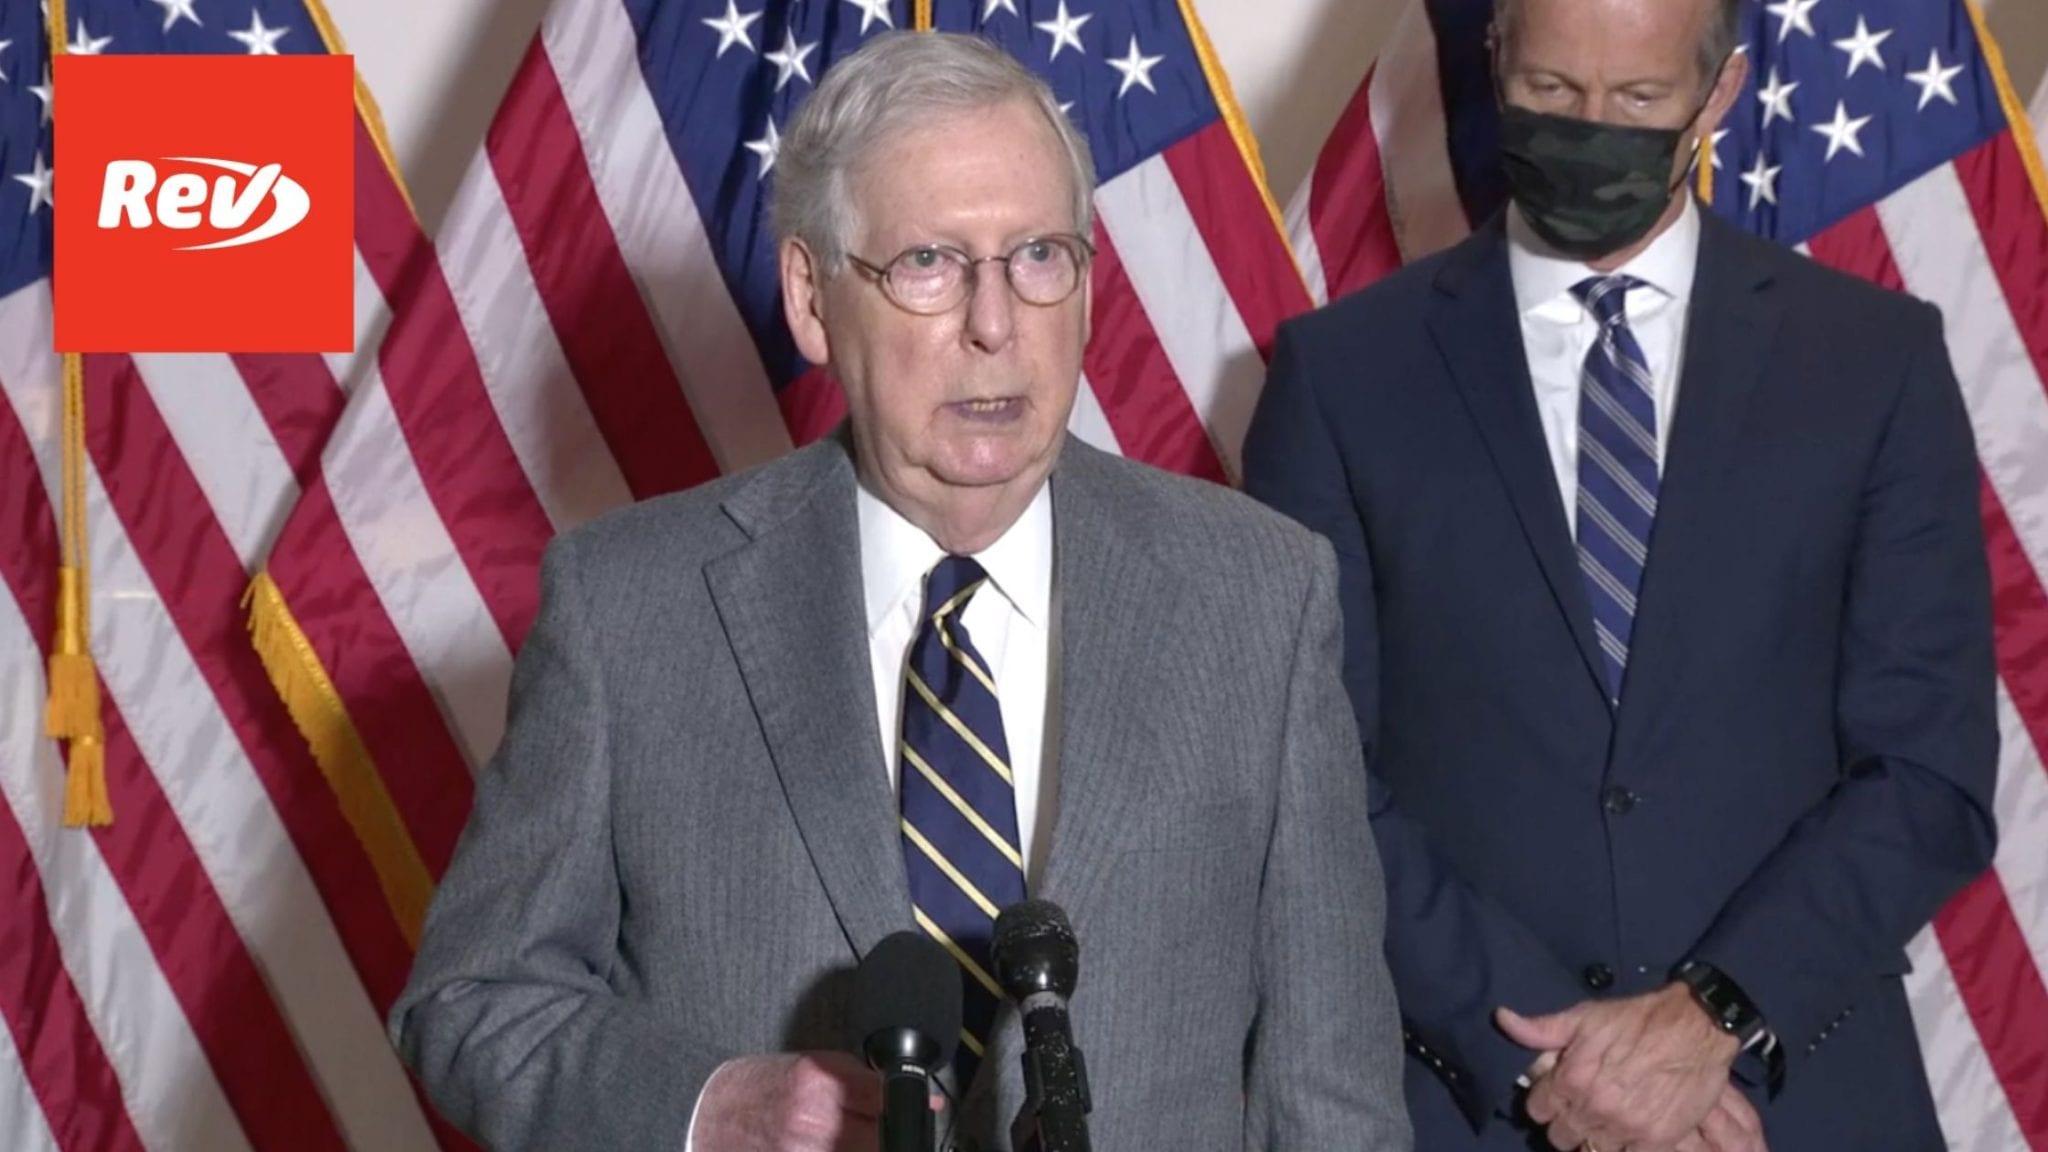 Senate GOP Press Conference Transcript November 17: COVID-19 Vaccine & Economic Stimulus